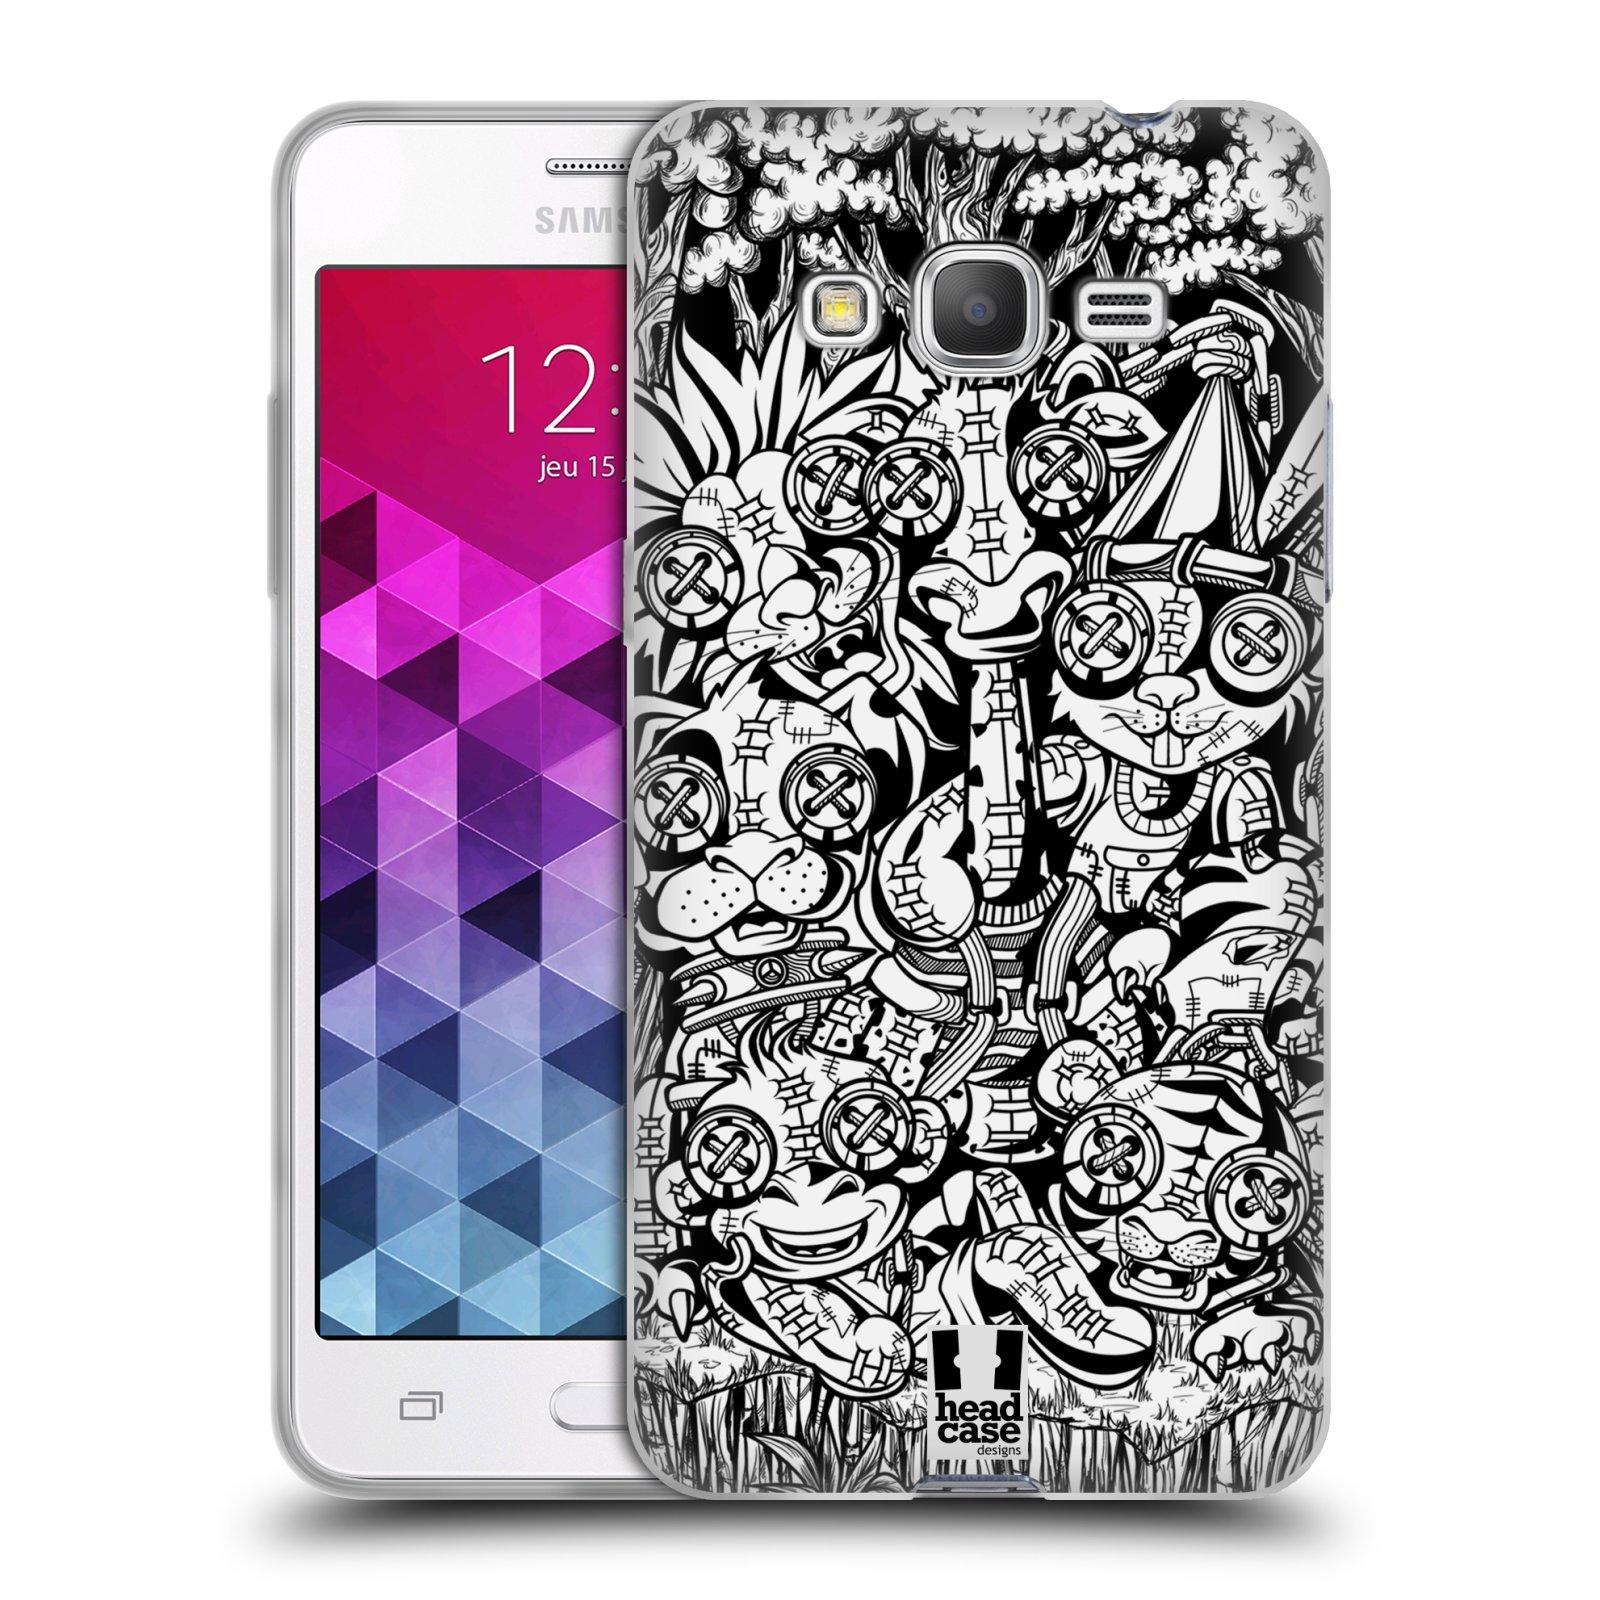 Silikonové pouzdro na mobil Samsung Galaxy Grand Prime VE HEAD CASE VOODOO ZVÍŘÁTKA